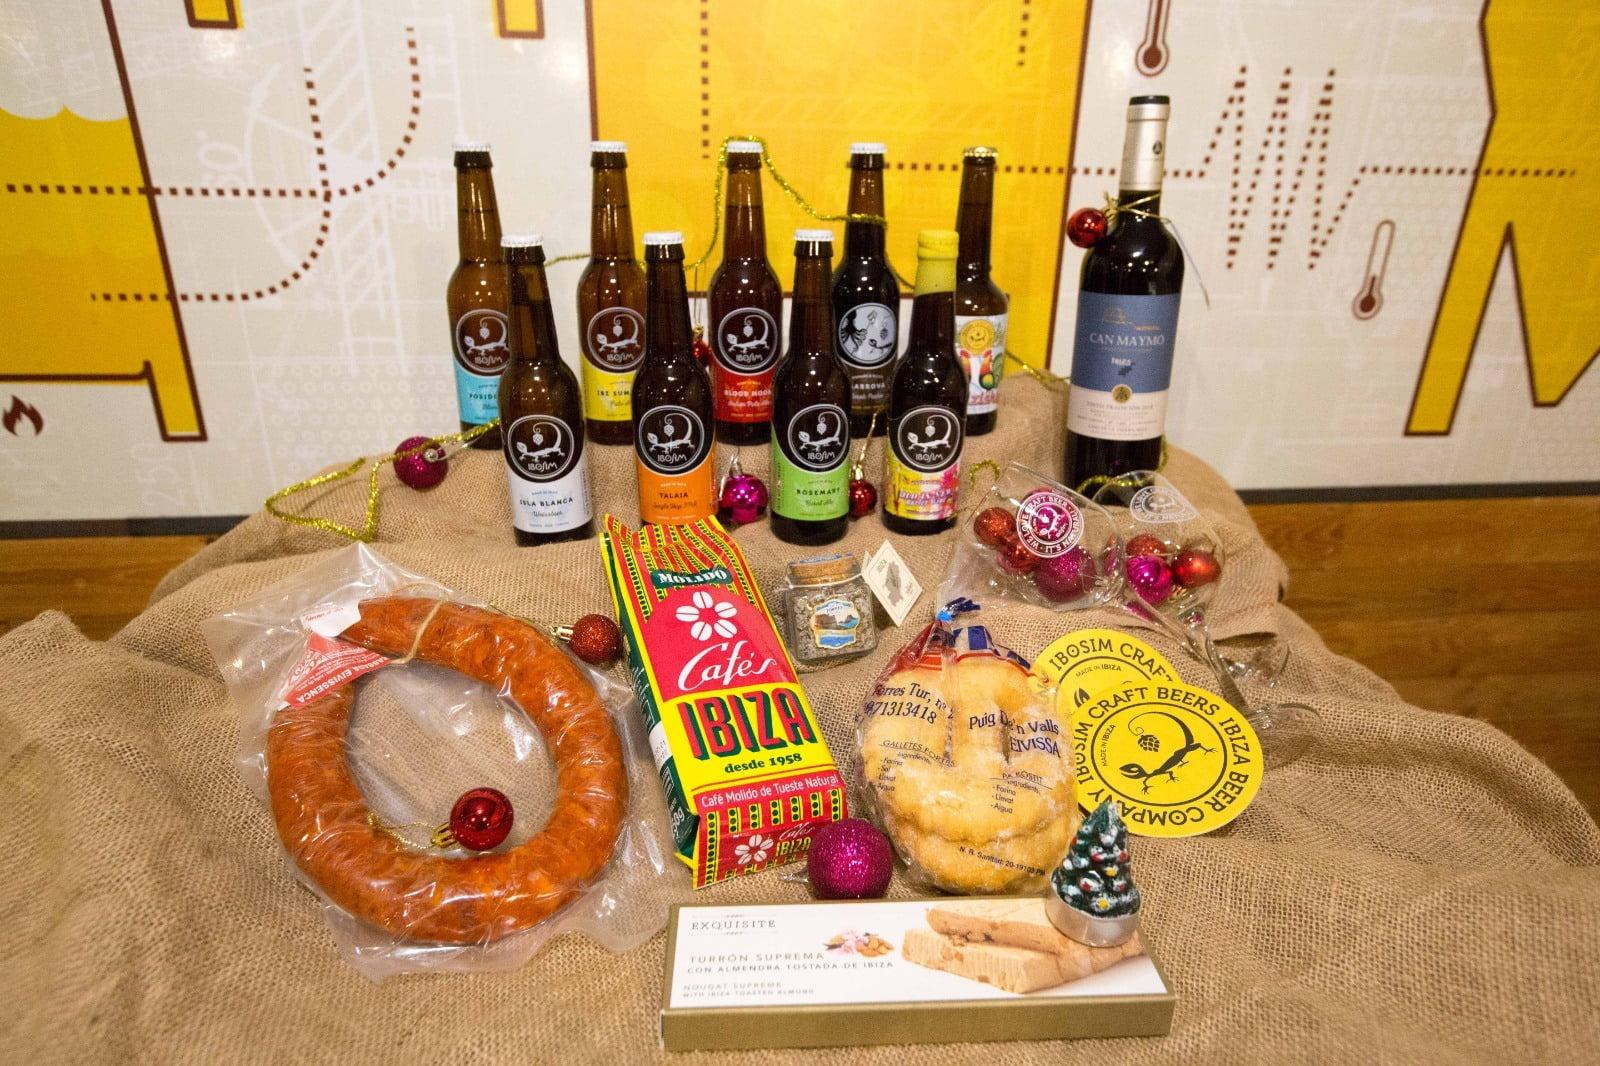 Pack Portes del cel navidad. Ibiza Beer Company. Ibosim Craft Beer